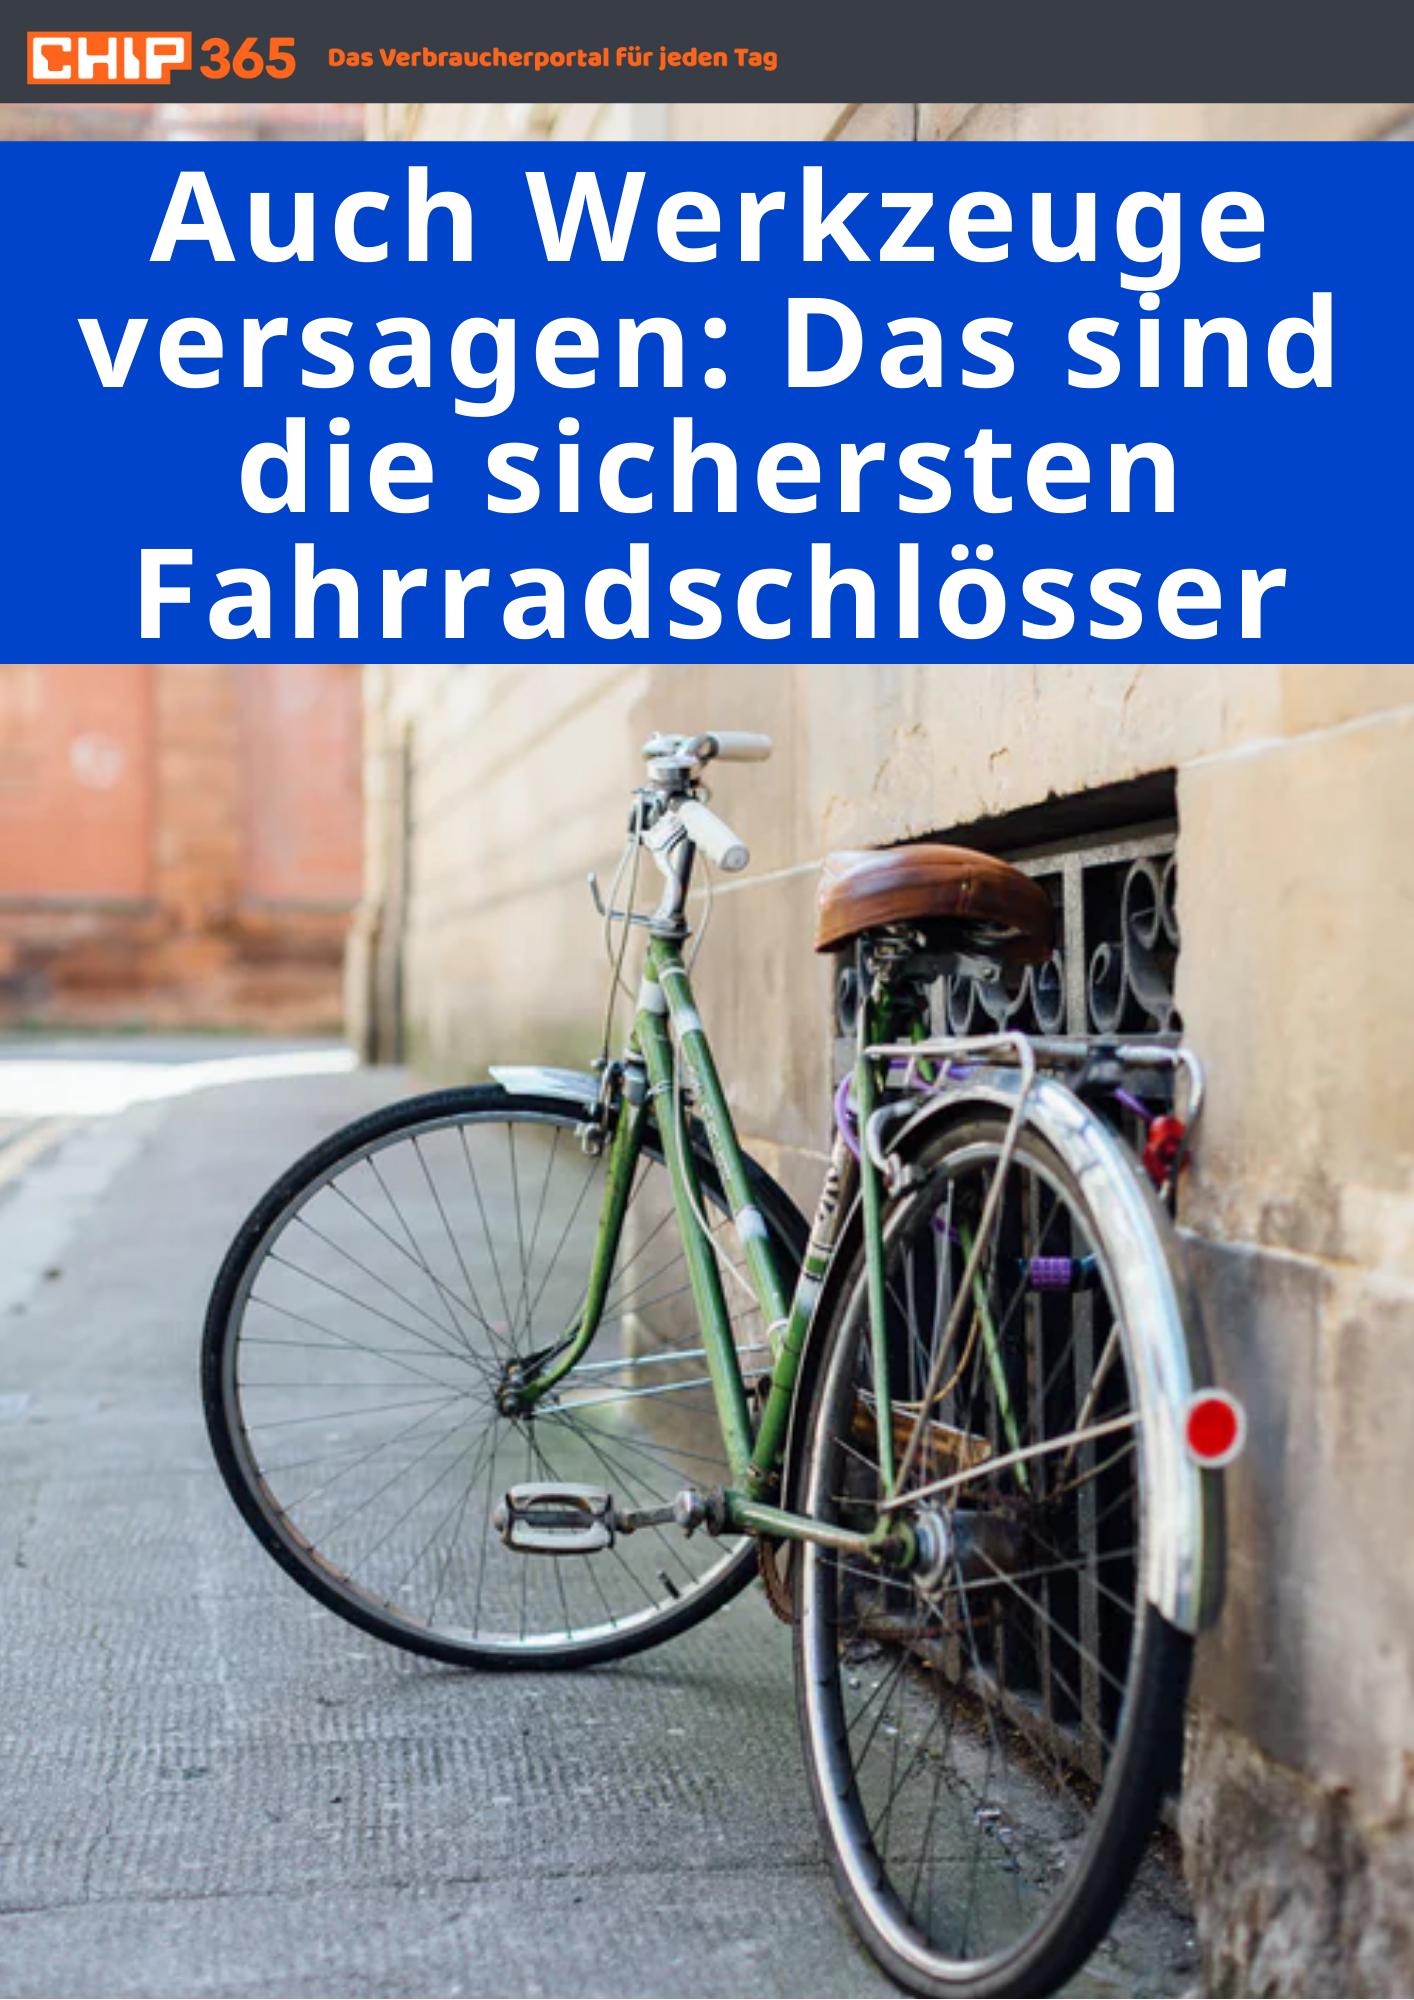 Die Sichersten Fahrradschlösser